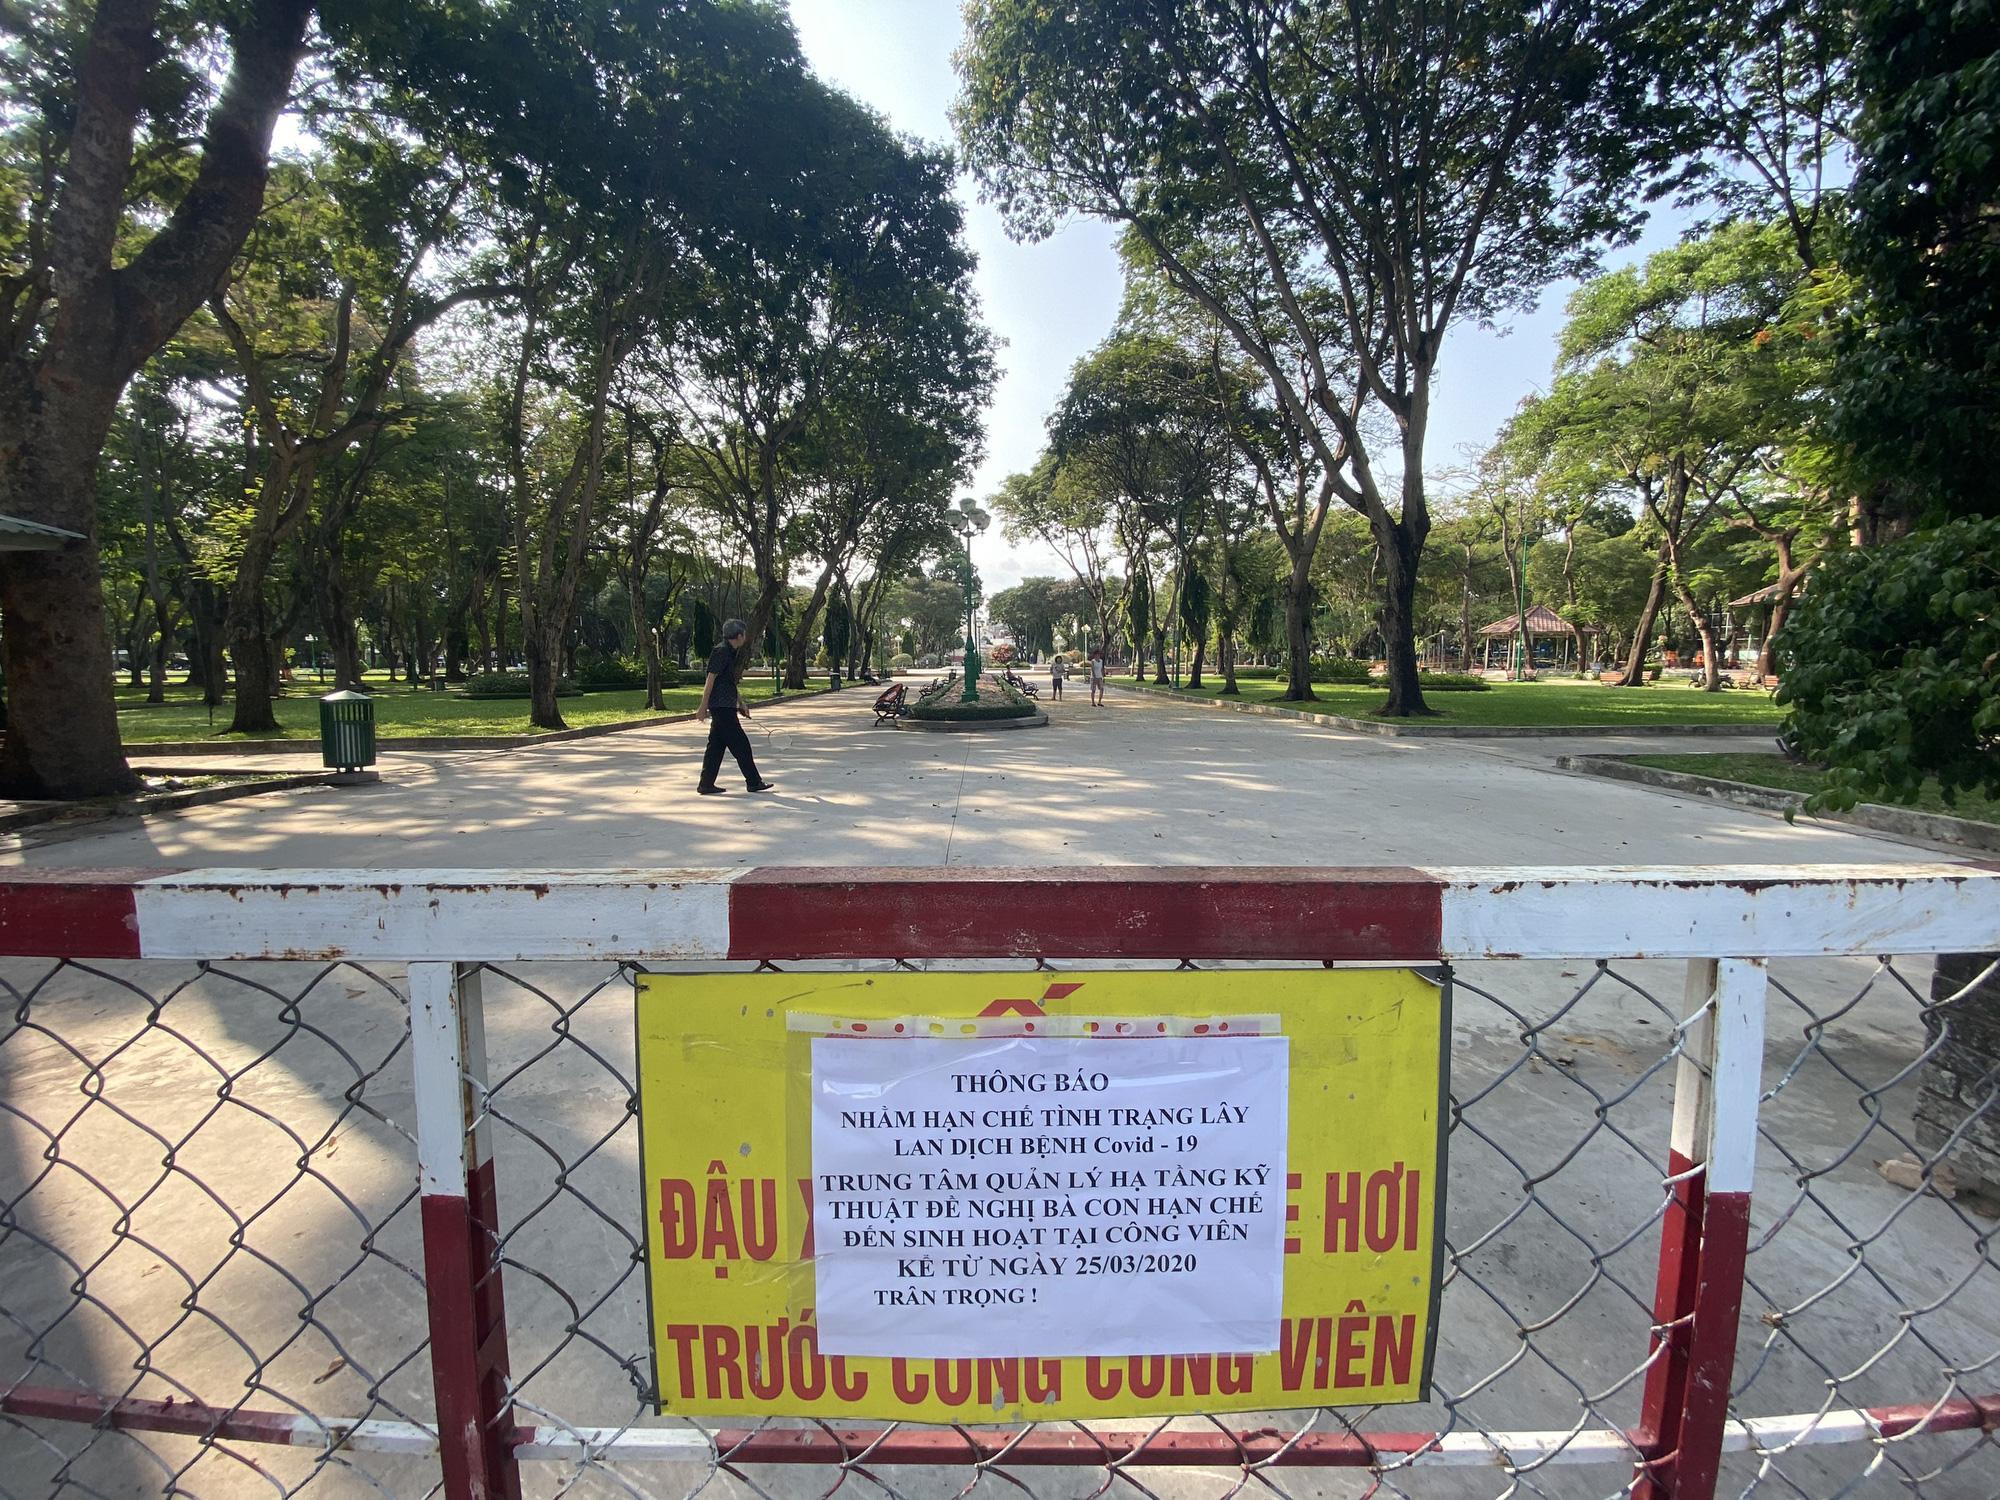 TP.HCM: Sân chơi công viên vắng ngắt, máy tập thể dục bị niêm phong sau lệnh tạm ngưng hoạt động phòng chống dịch Covid-19 - Ảnh 4.